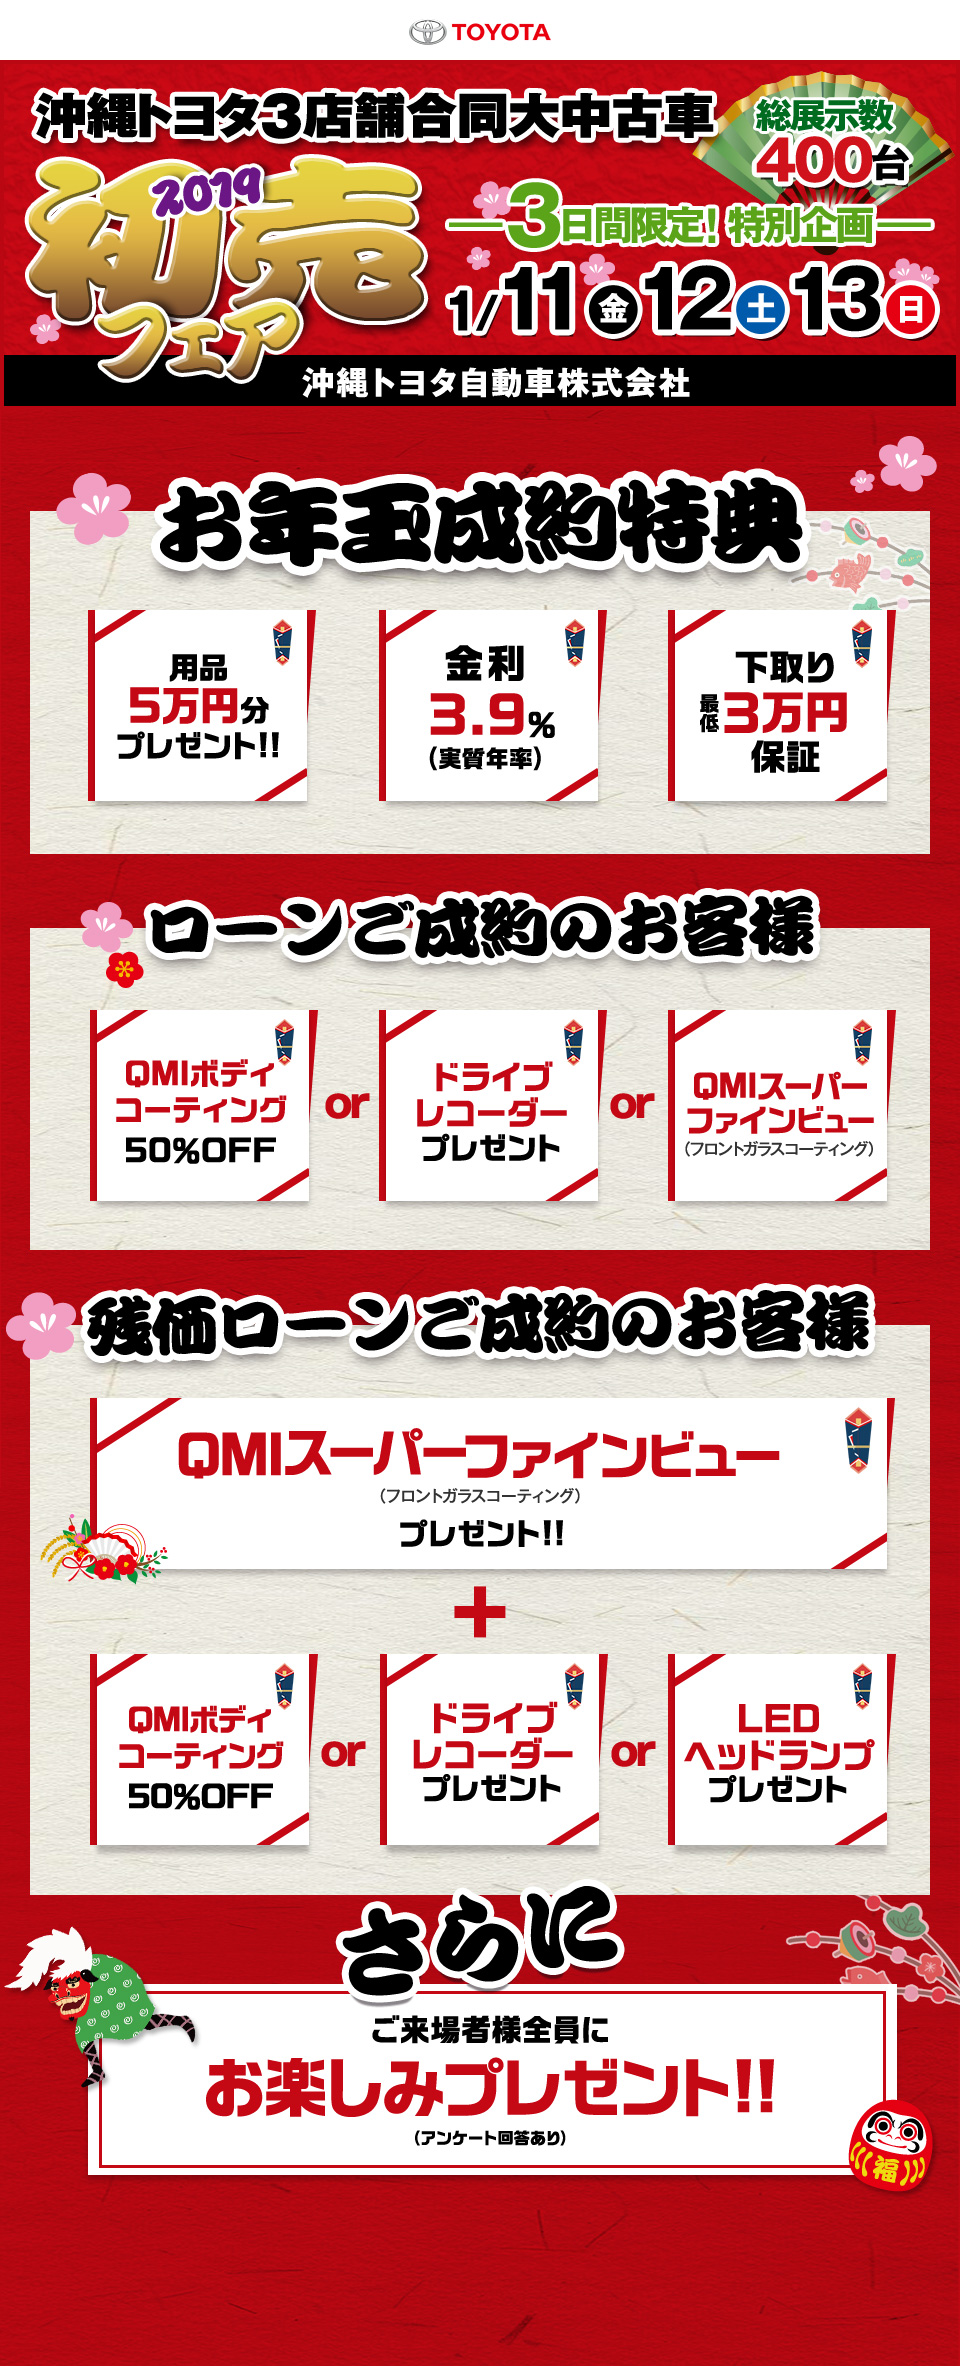 沖縄トヨタ3店舗合同大中古車フェア 初売りフェア2019 1月11日~13日の3日間限定 特別企画!